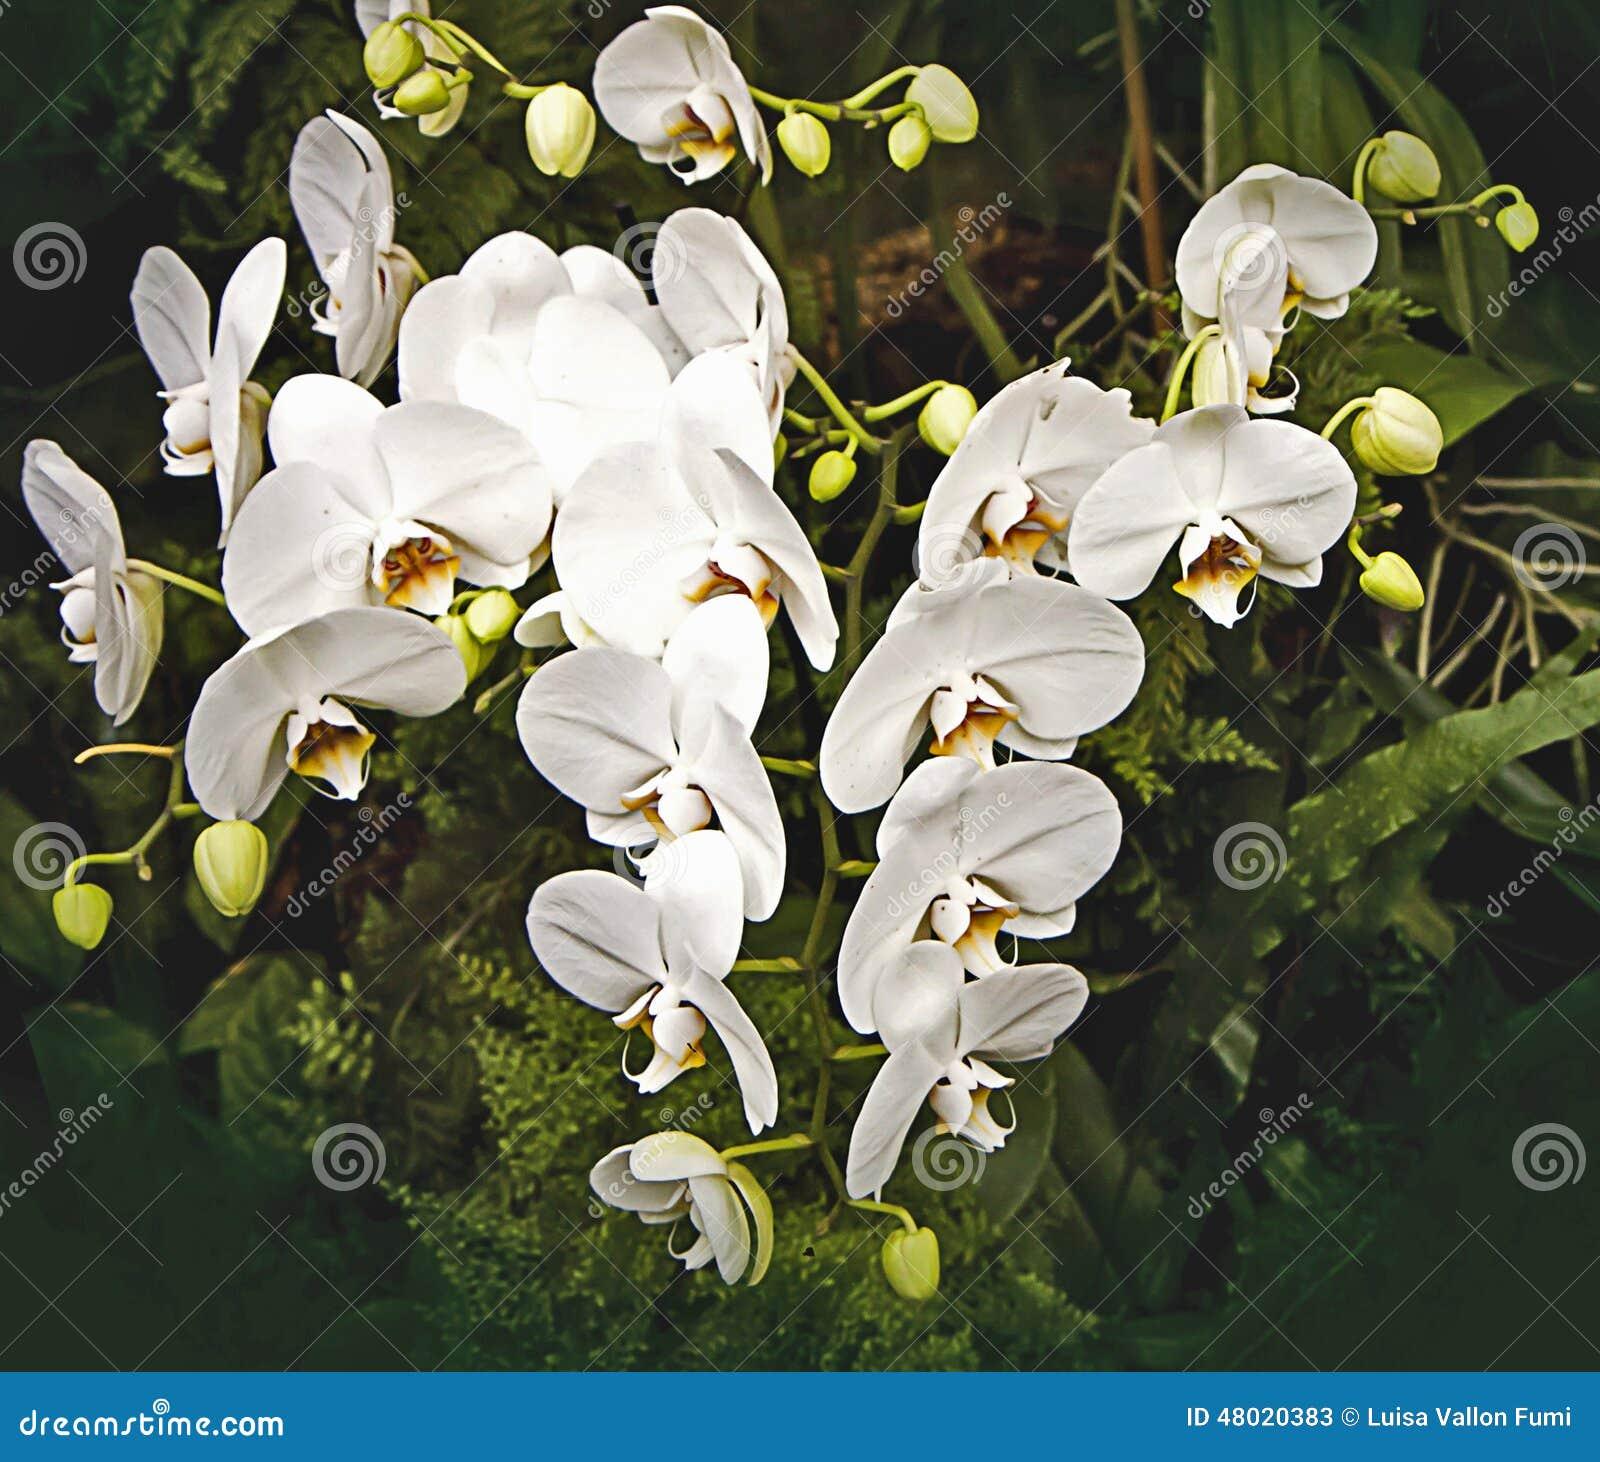 La Fleur Tropicale Blanche D Orchidee S Embranche Sur Le Fond Fonce